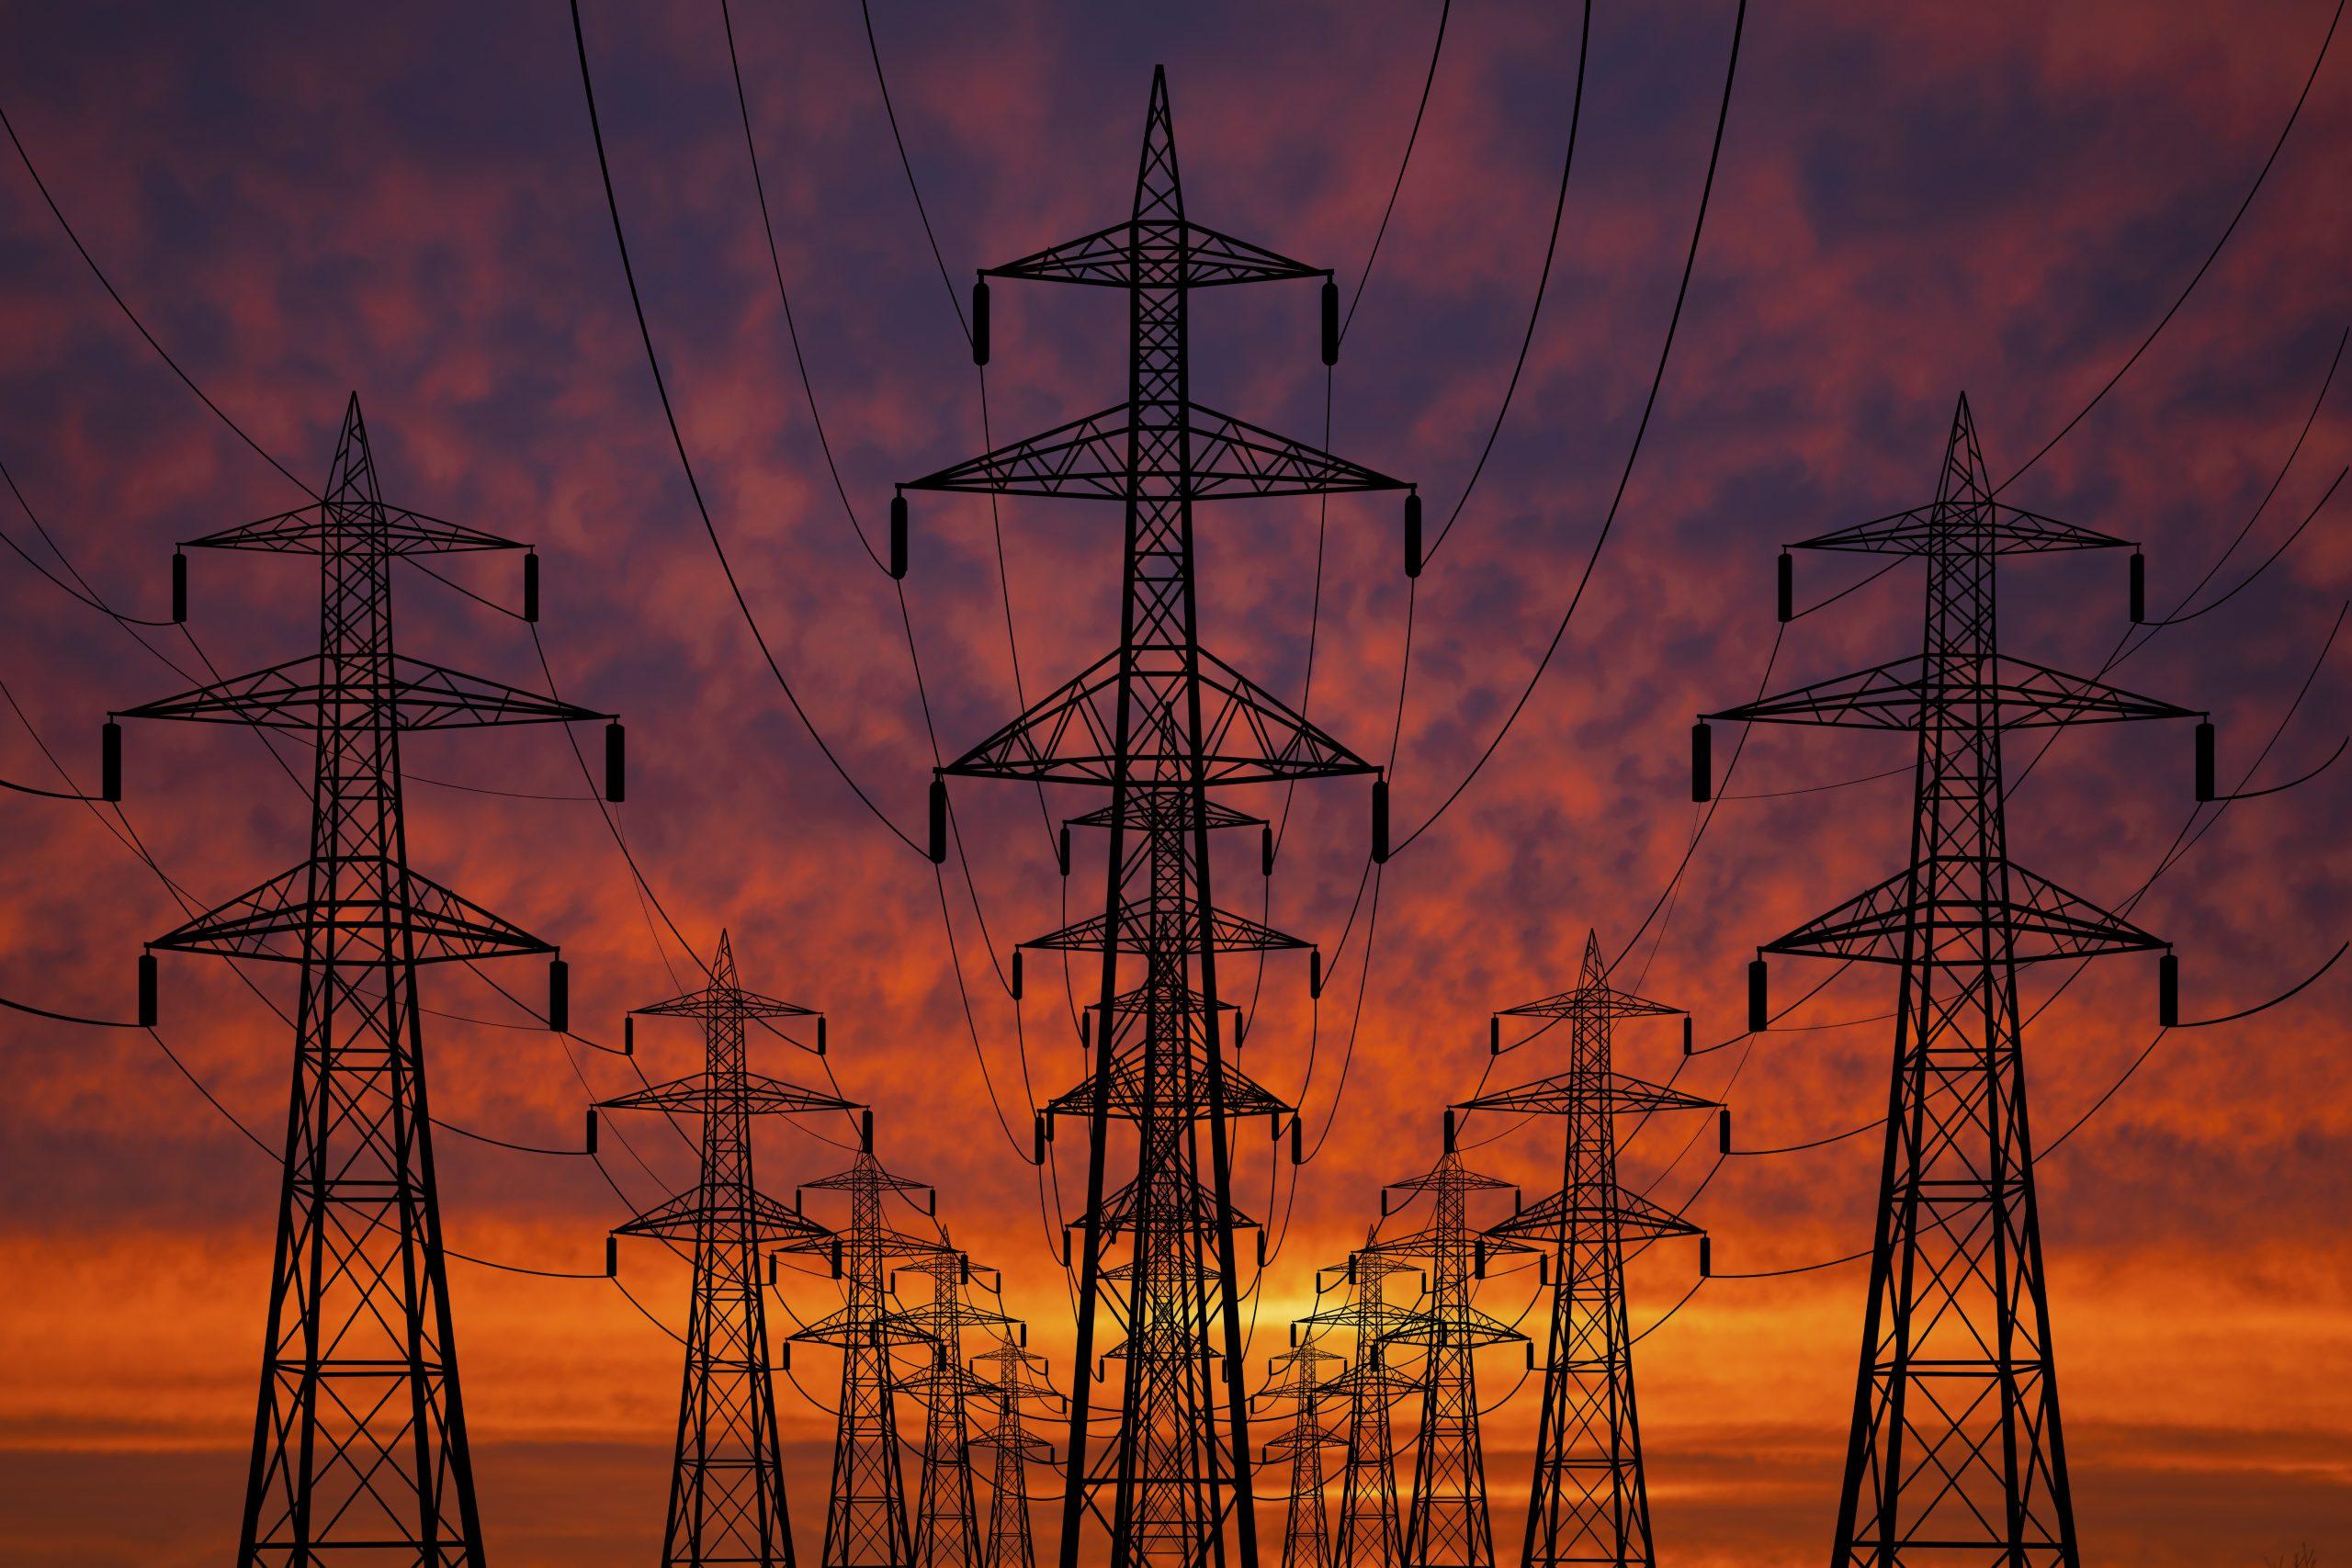 「1兆ドル計画」でも足りない、米国の次世代送電網は実現できるか?